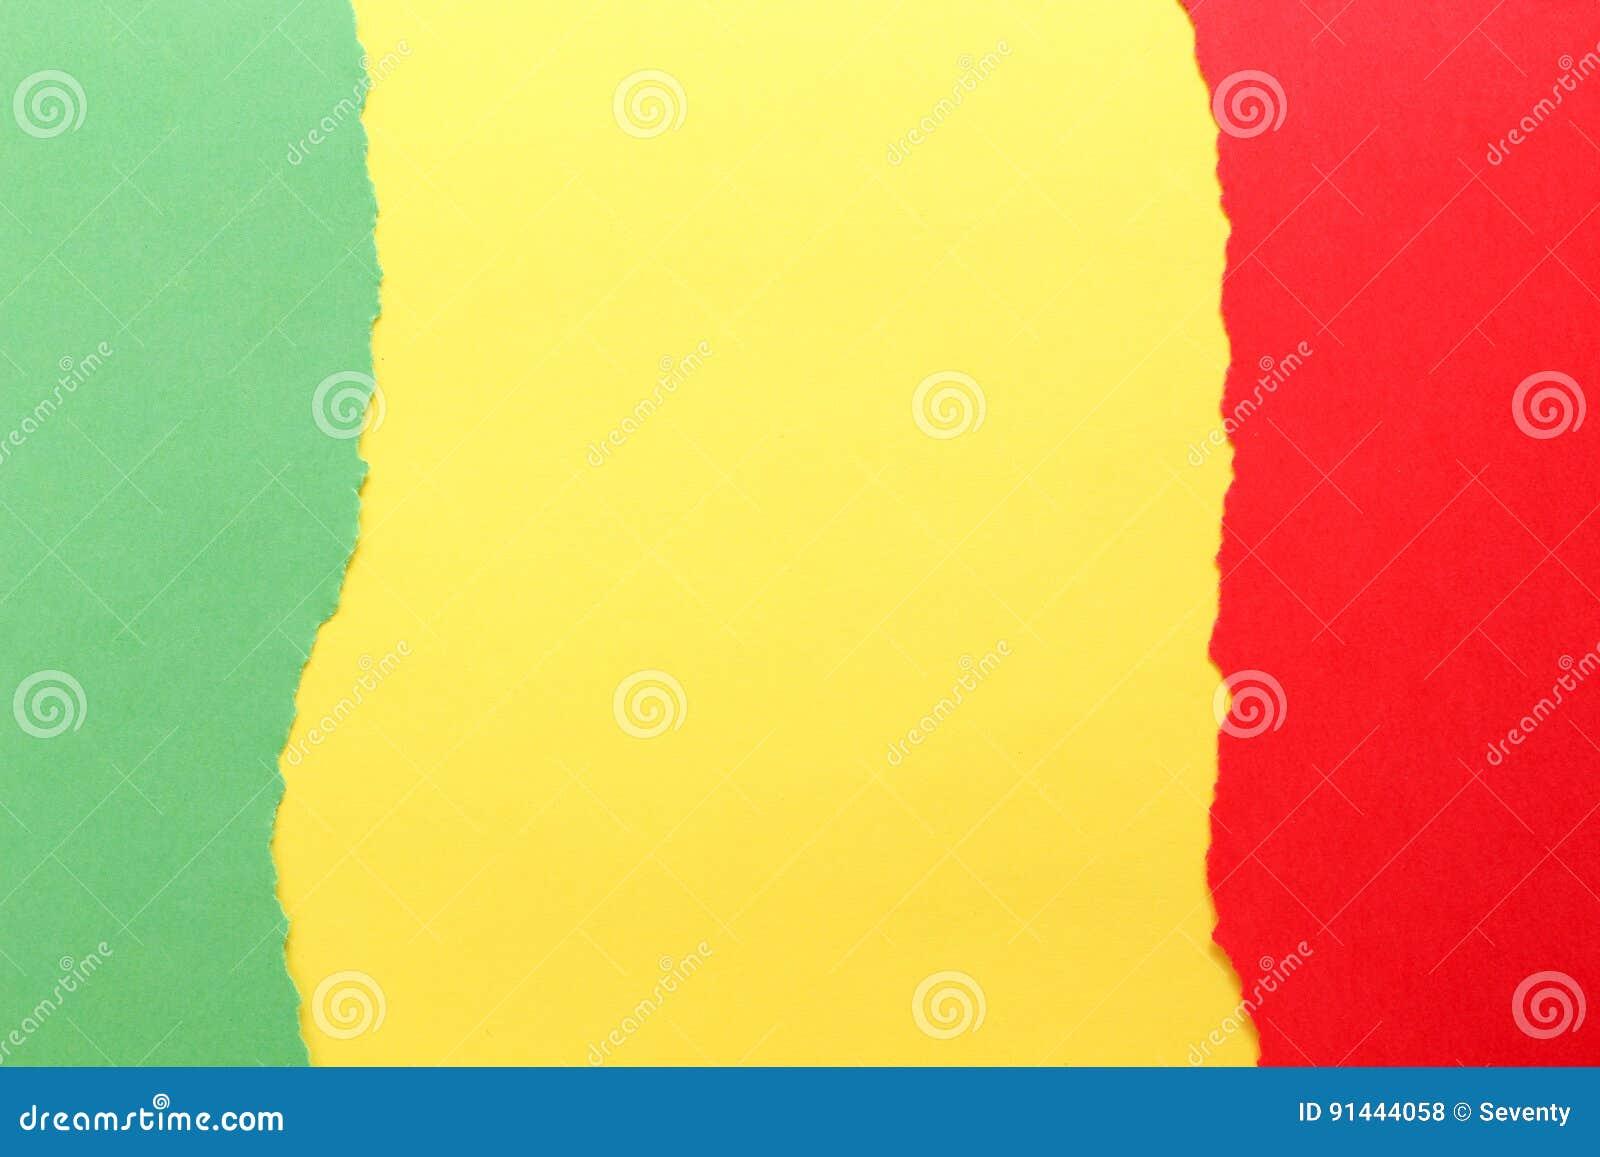 color verde amarillo y rojo